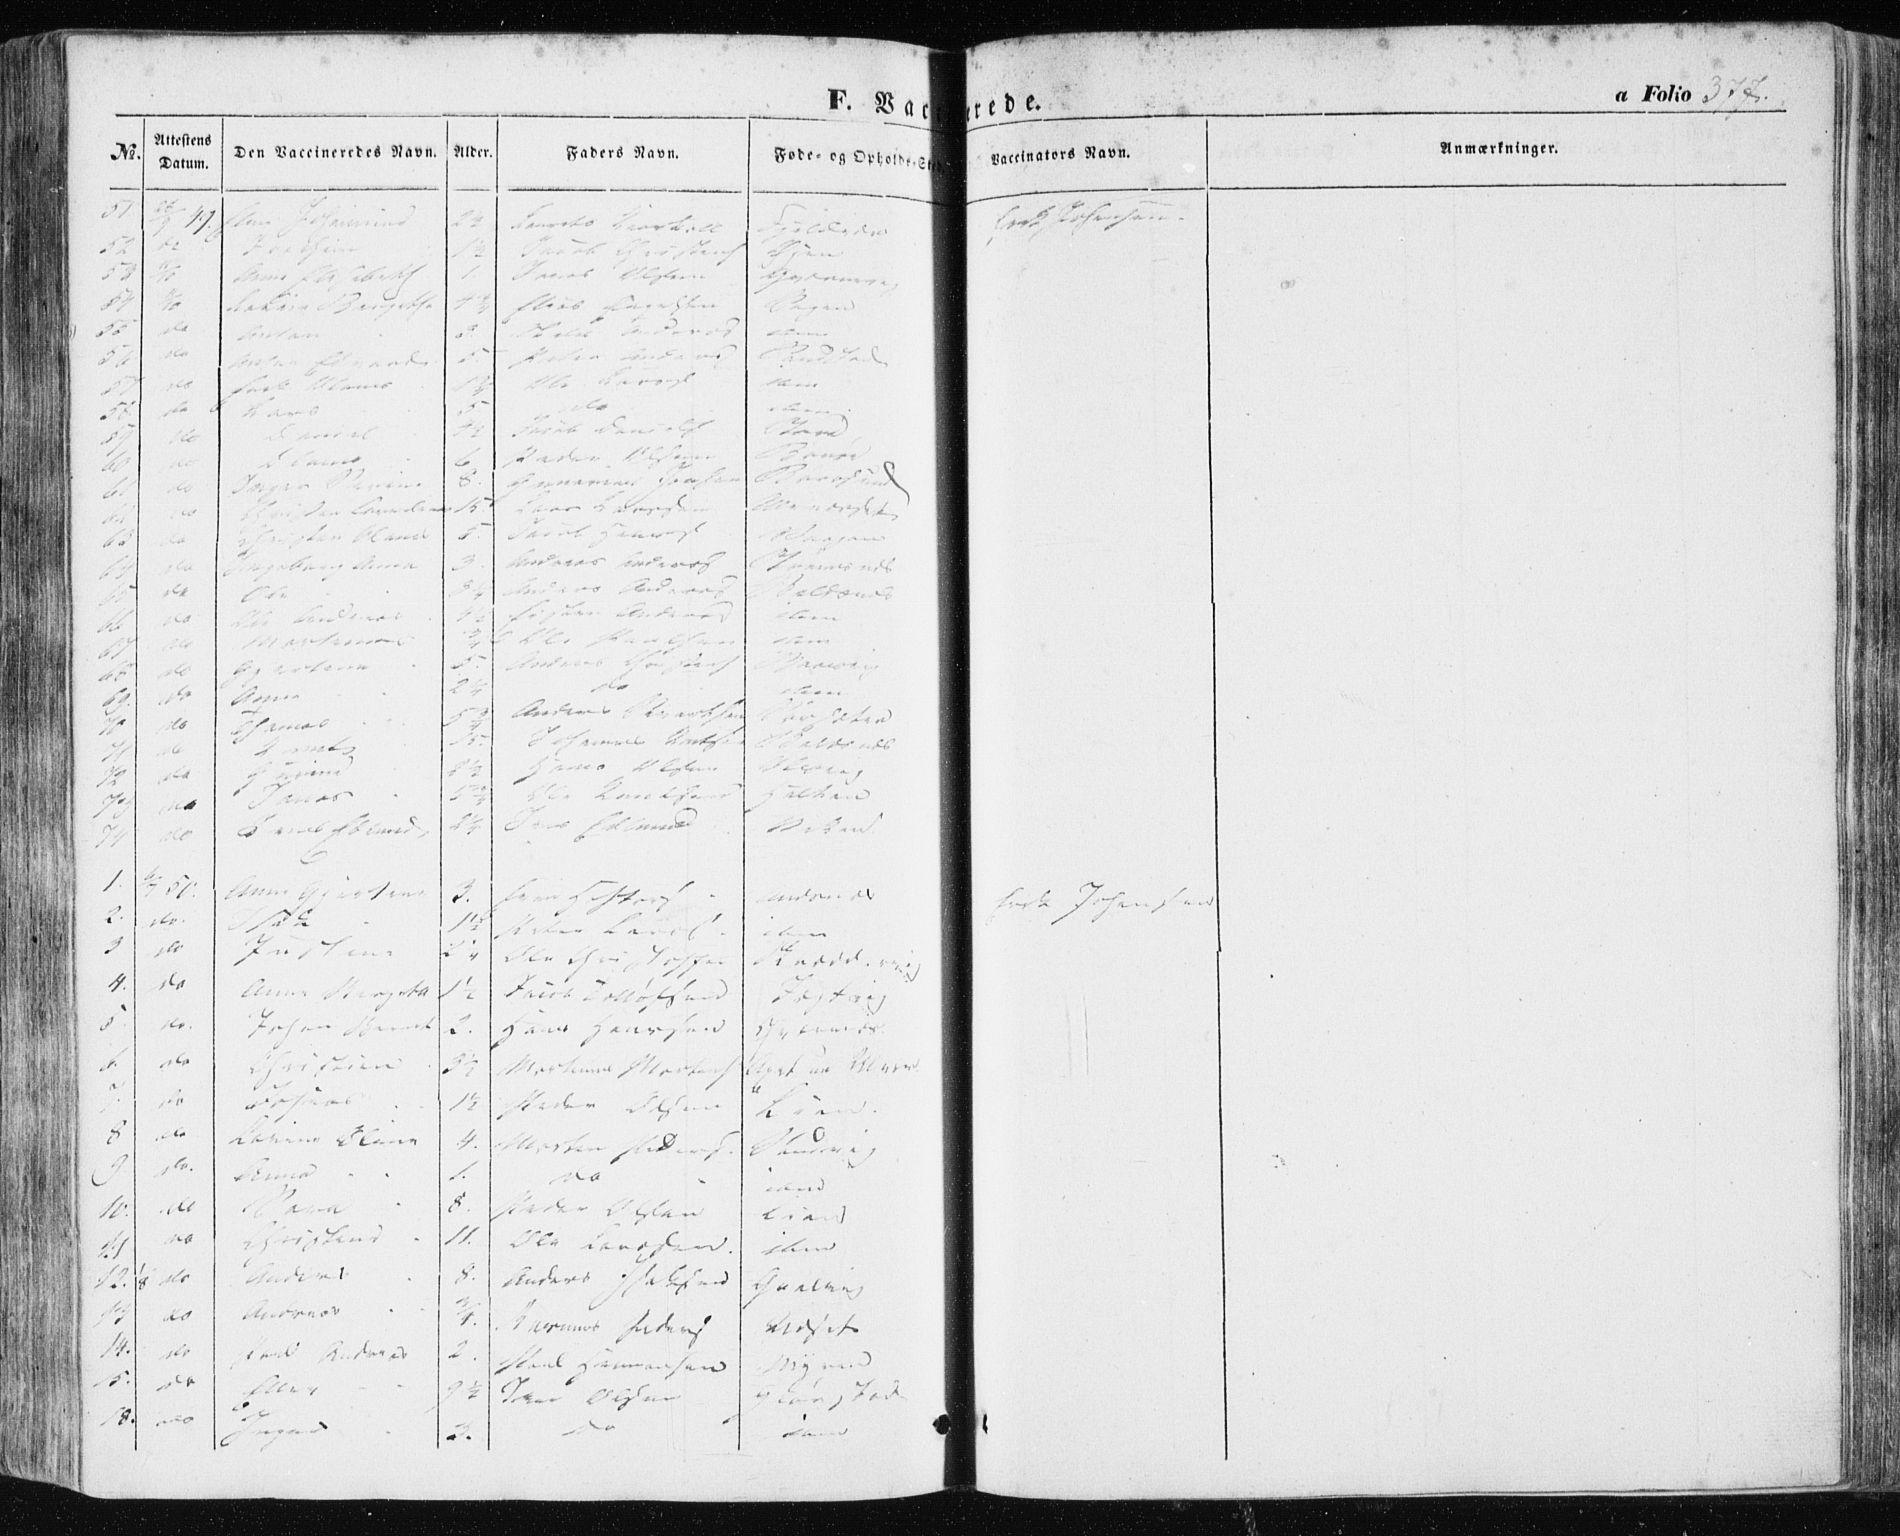 SAT, Ministerialprotokoller, klokkerbøker og fødselsregistre - Sør-Trøndelag, 634/L0529: Ministerialbok nr. 634A05, 1843-1851, s. 377